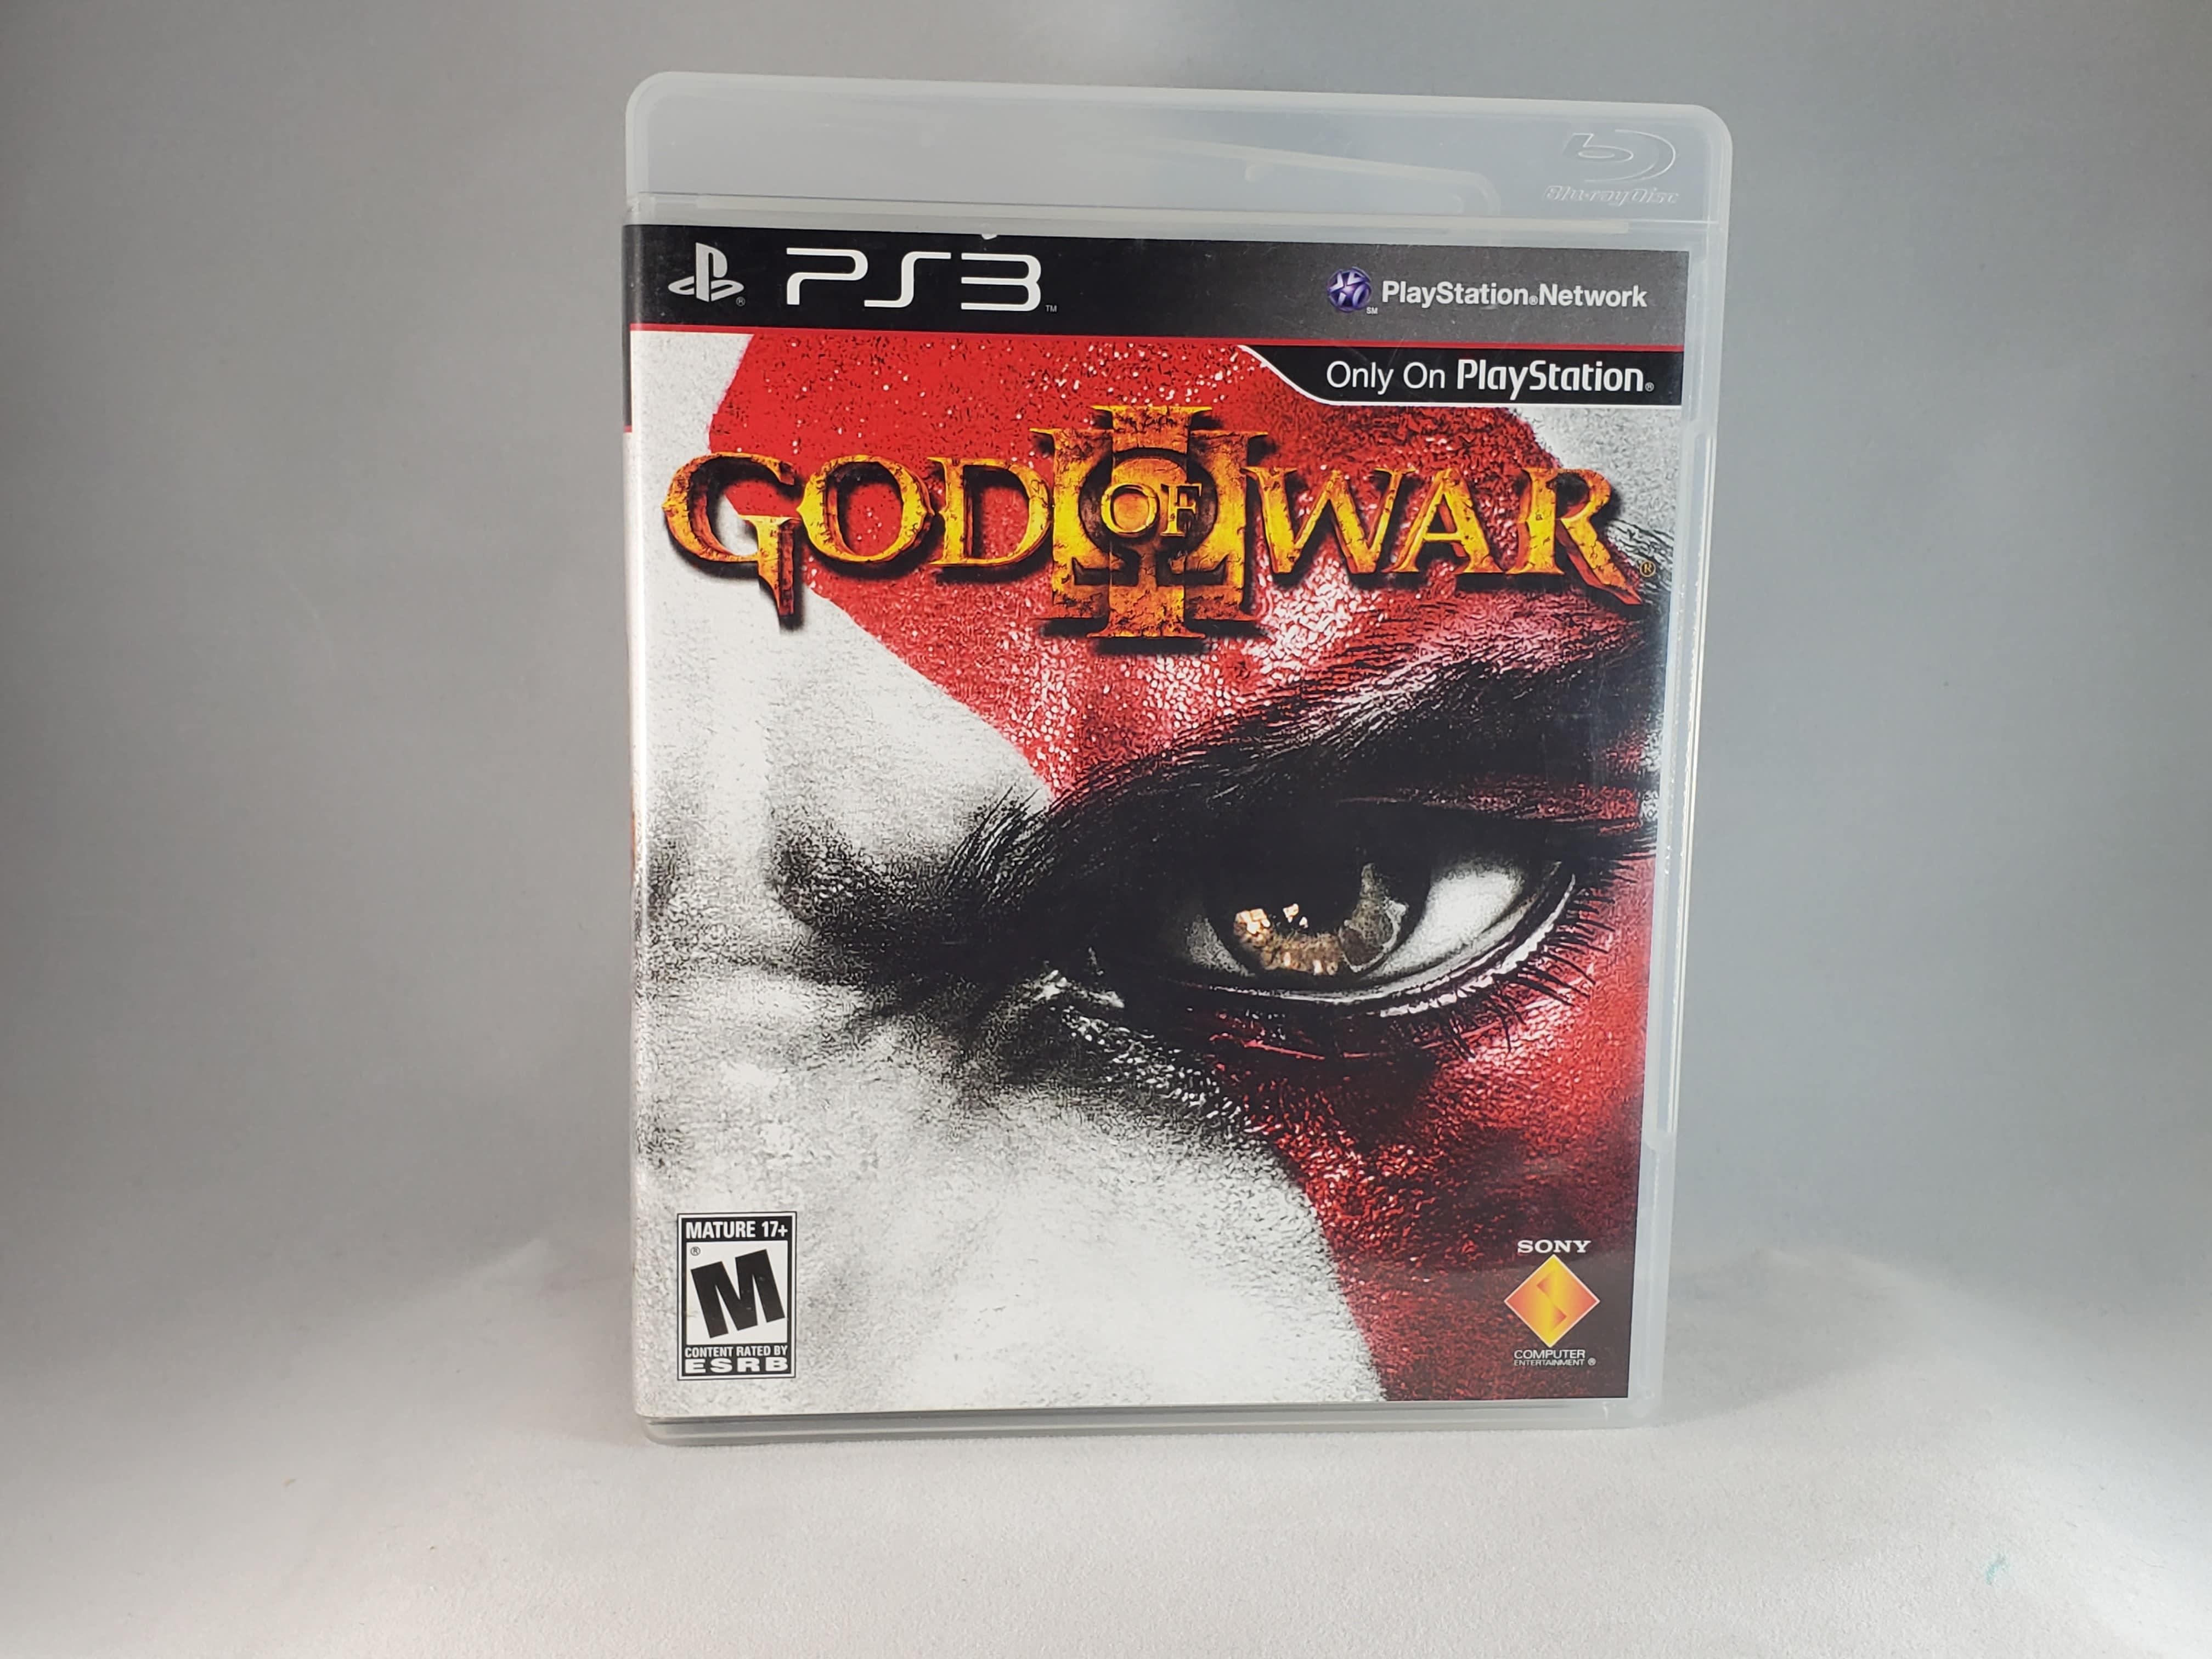 God of War III